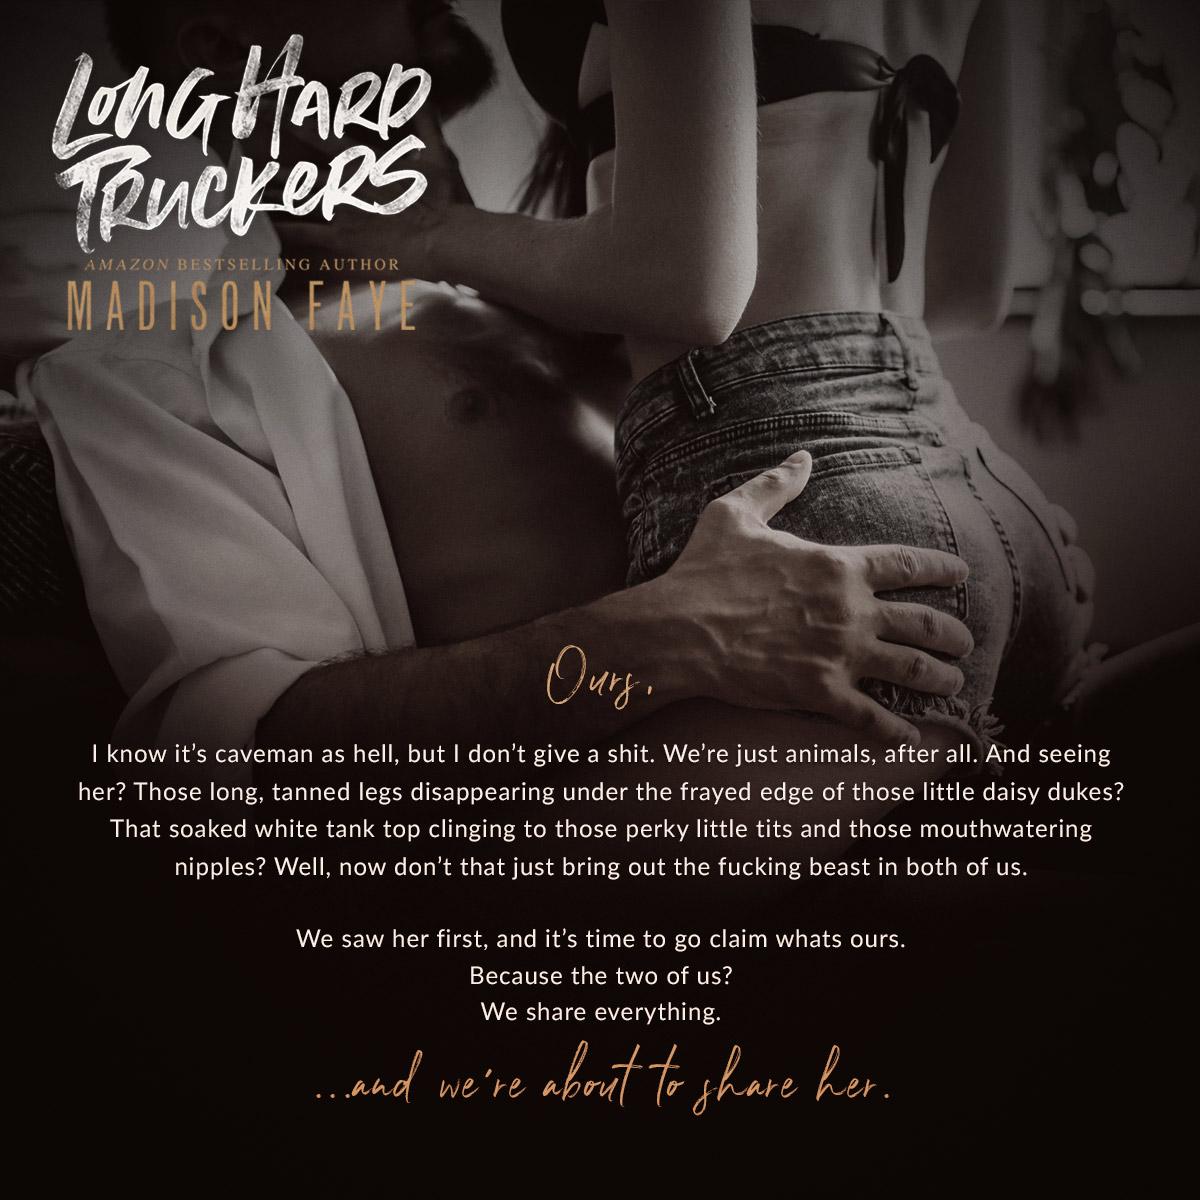 LongHardTruckers_Teaser1(1).jpg